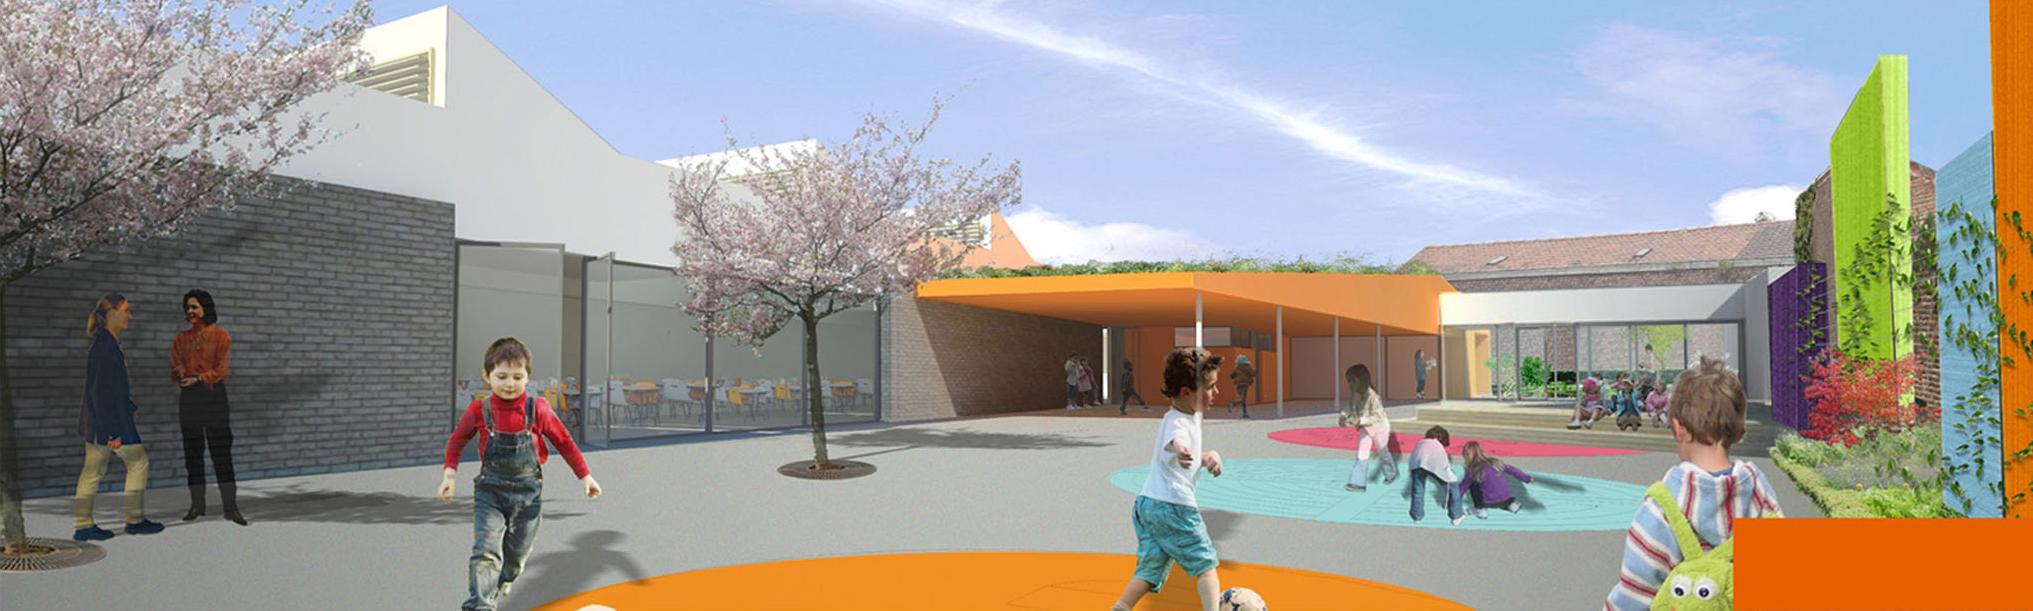 Photomontage projet paysagiste cour d'école Duclos Lanoy à Waziers